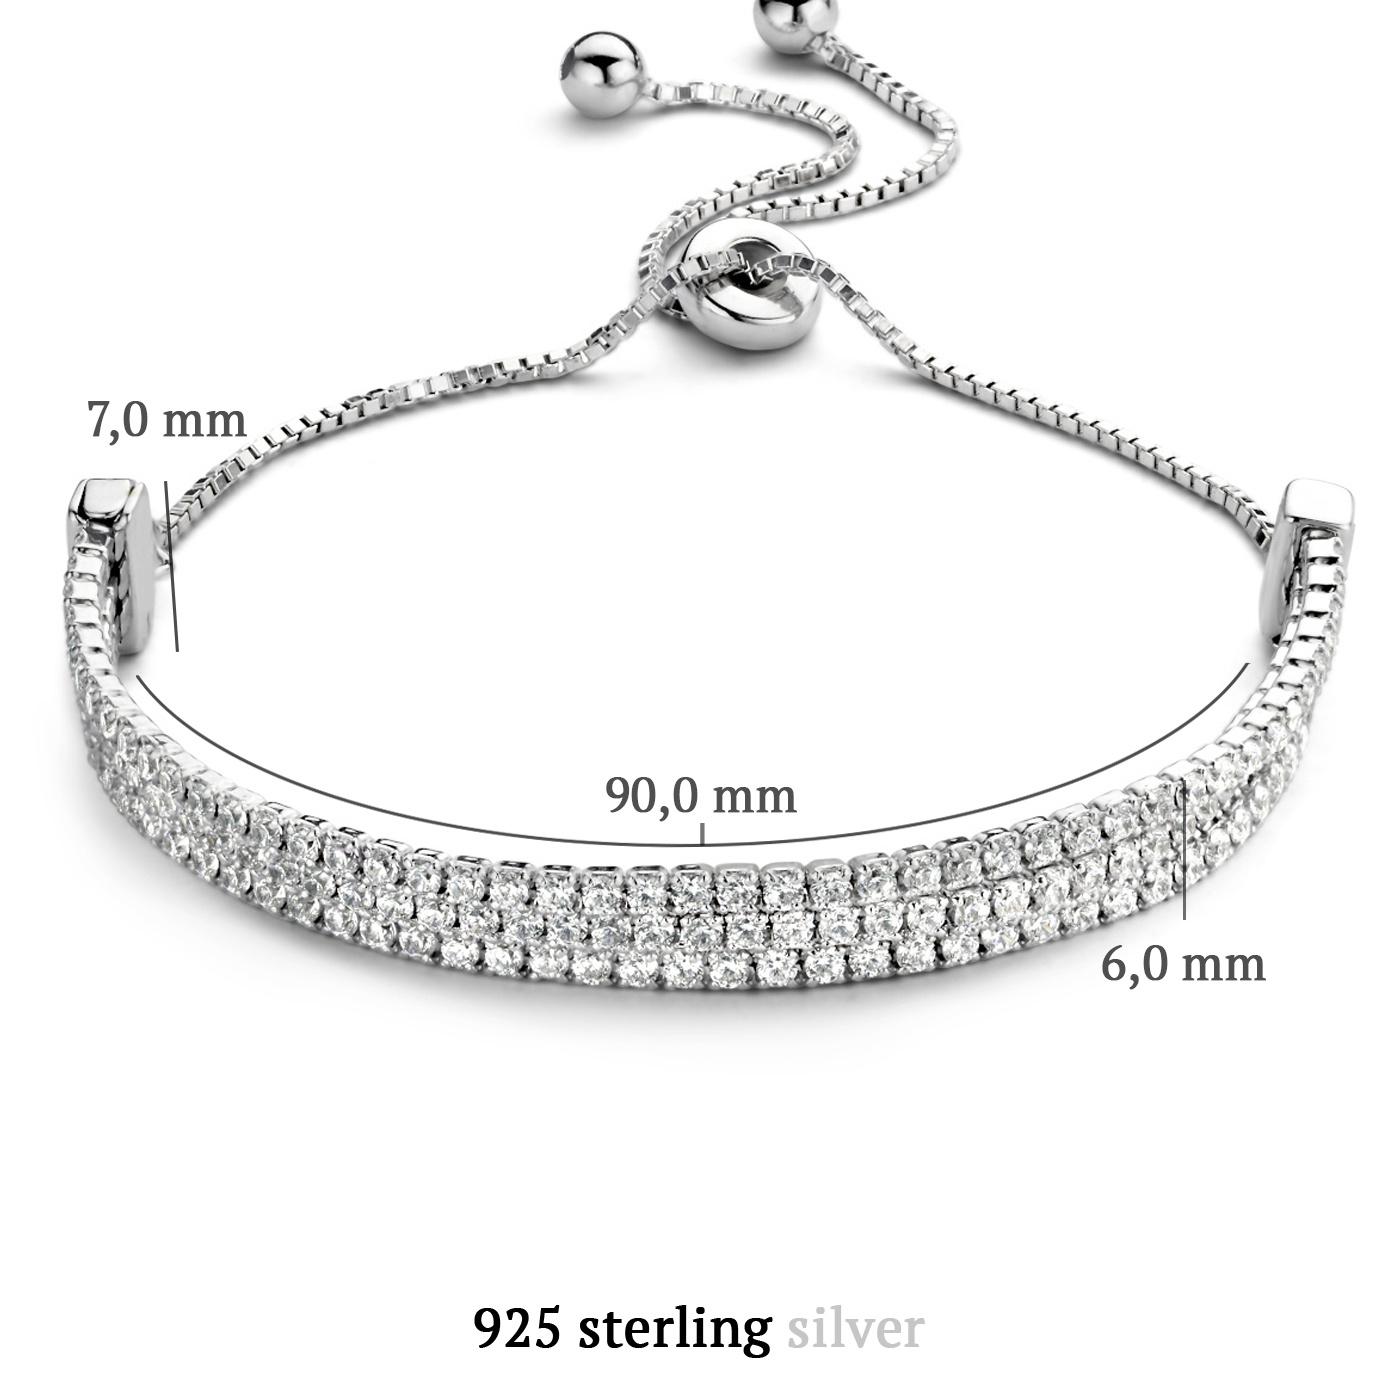 Parte di Me Ponte Vecchio Vasariano bracciale in argento sterling 925